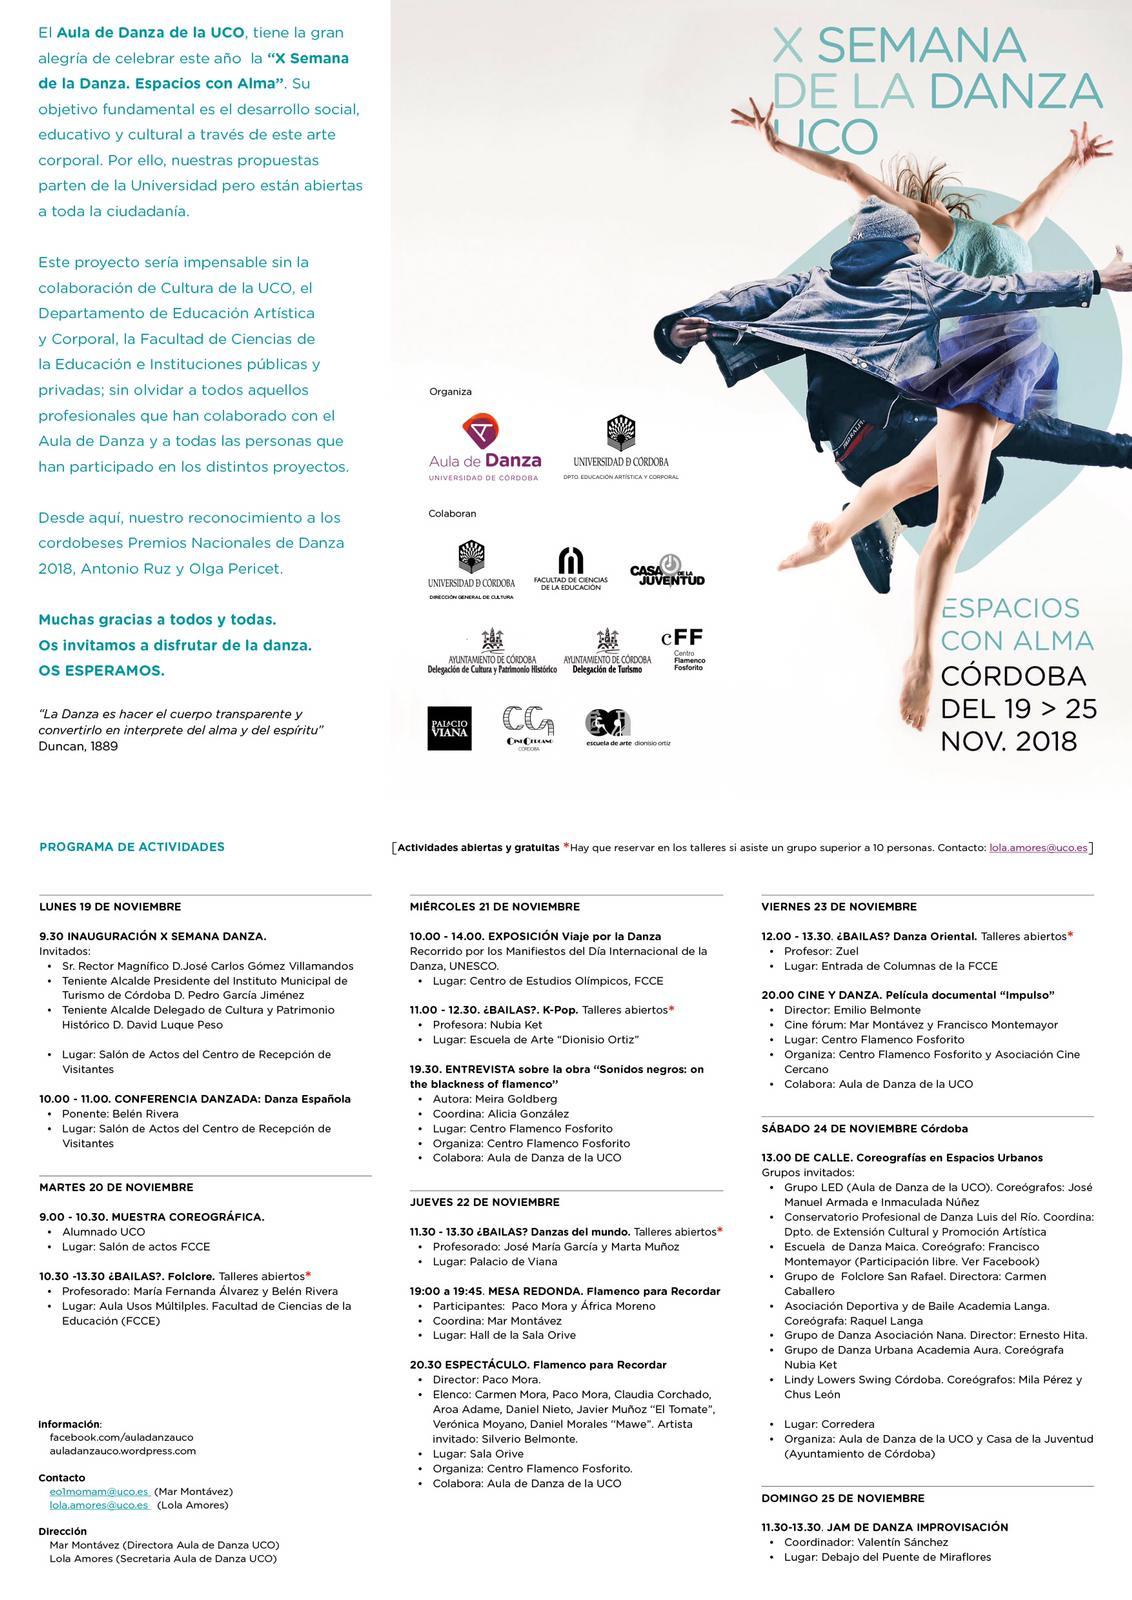 Taller abierto de danza oriental @ Facultad de Ciencias de la Educación (Espacio porticado de entrada).